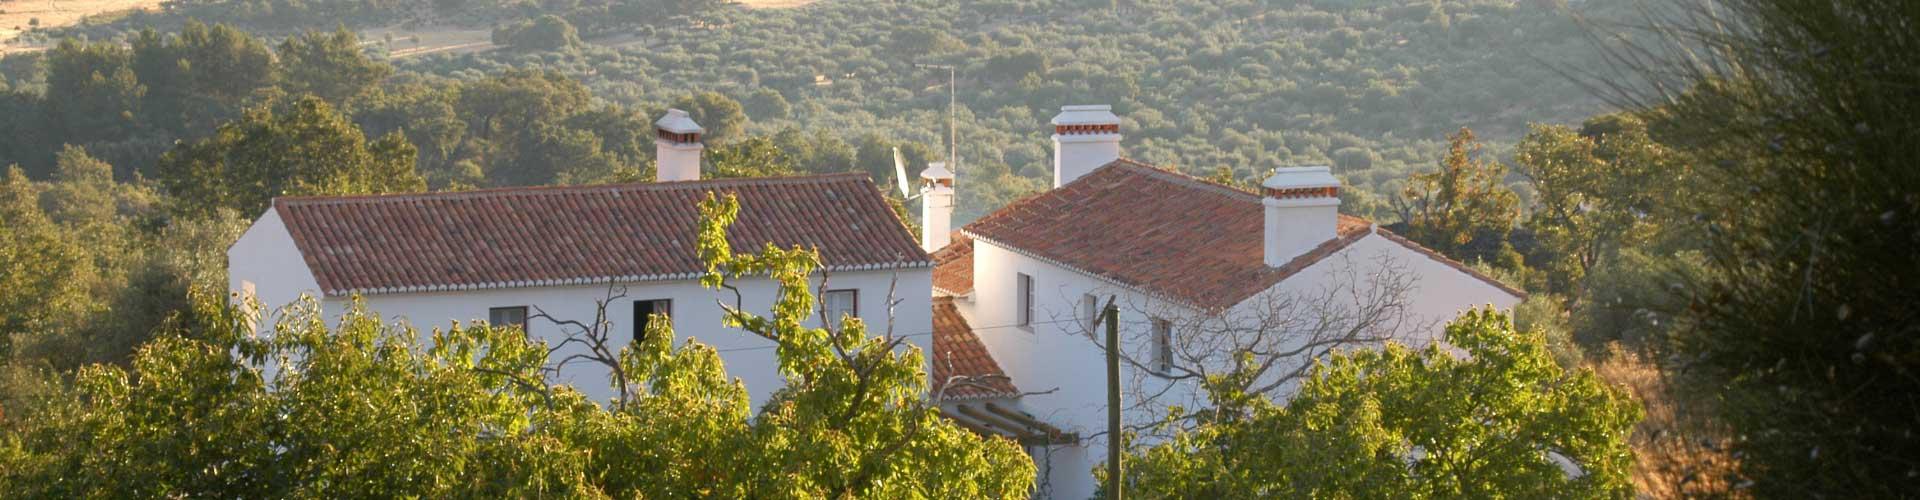 Quinta da Saimeira